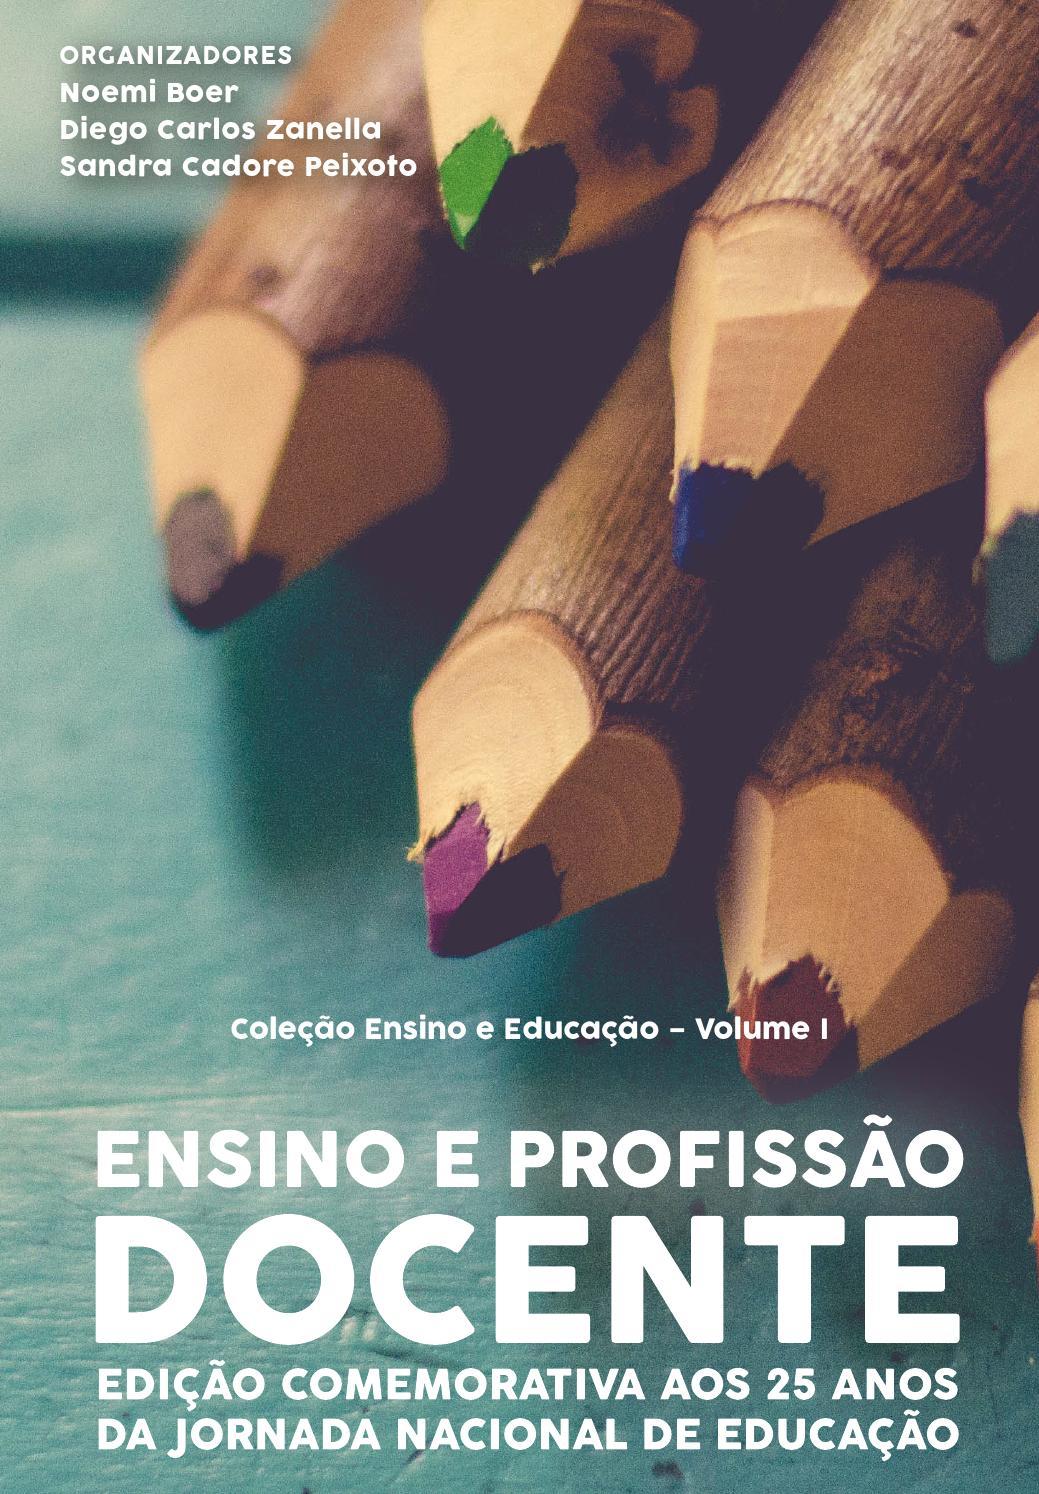 c71b39bbcf0 Ensino e profissão docente - Edição Comemorativa aos 25 anos da Jornada  Nacional de Educação by Editora UNIFRA - issuu